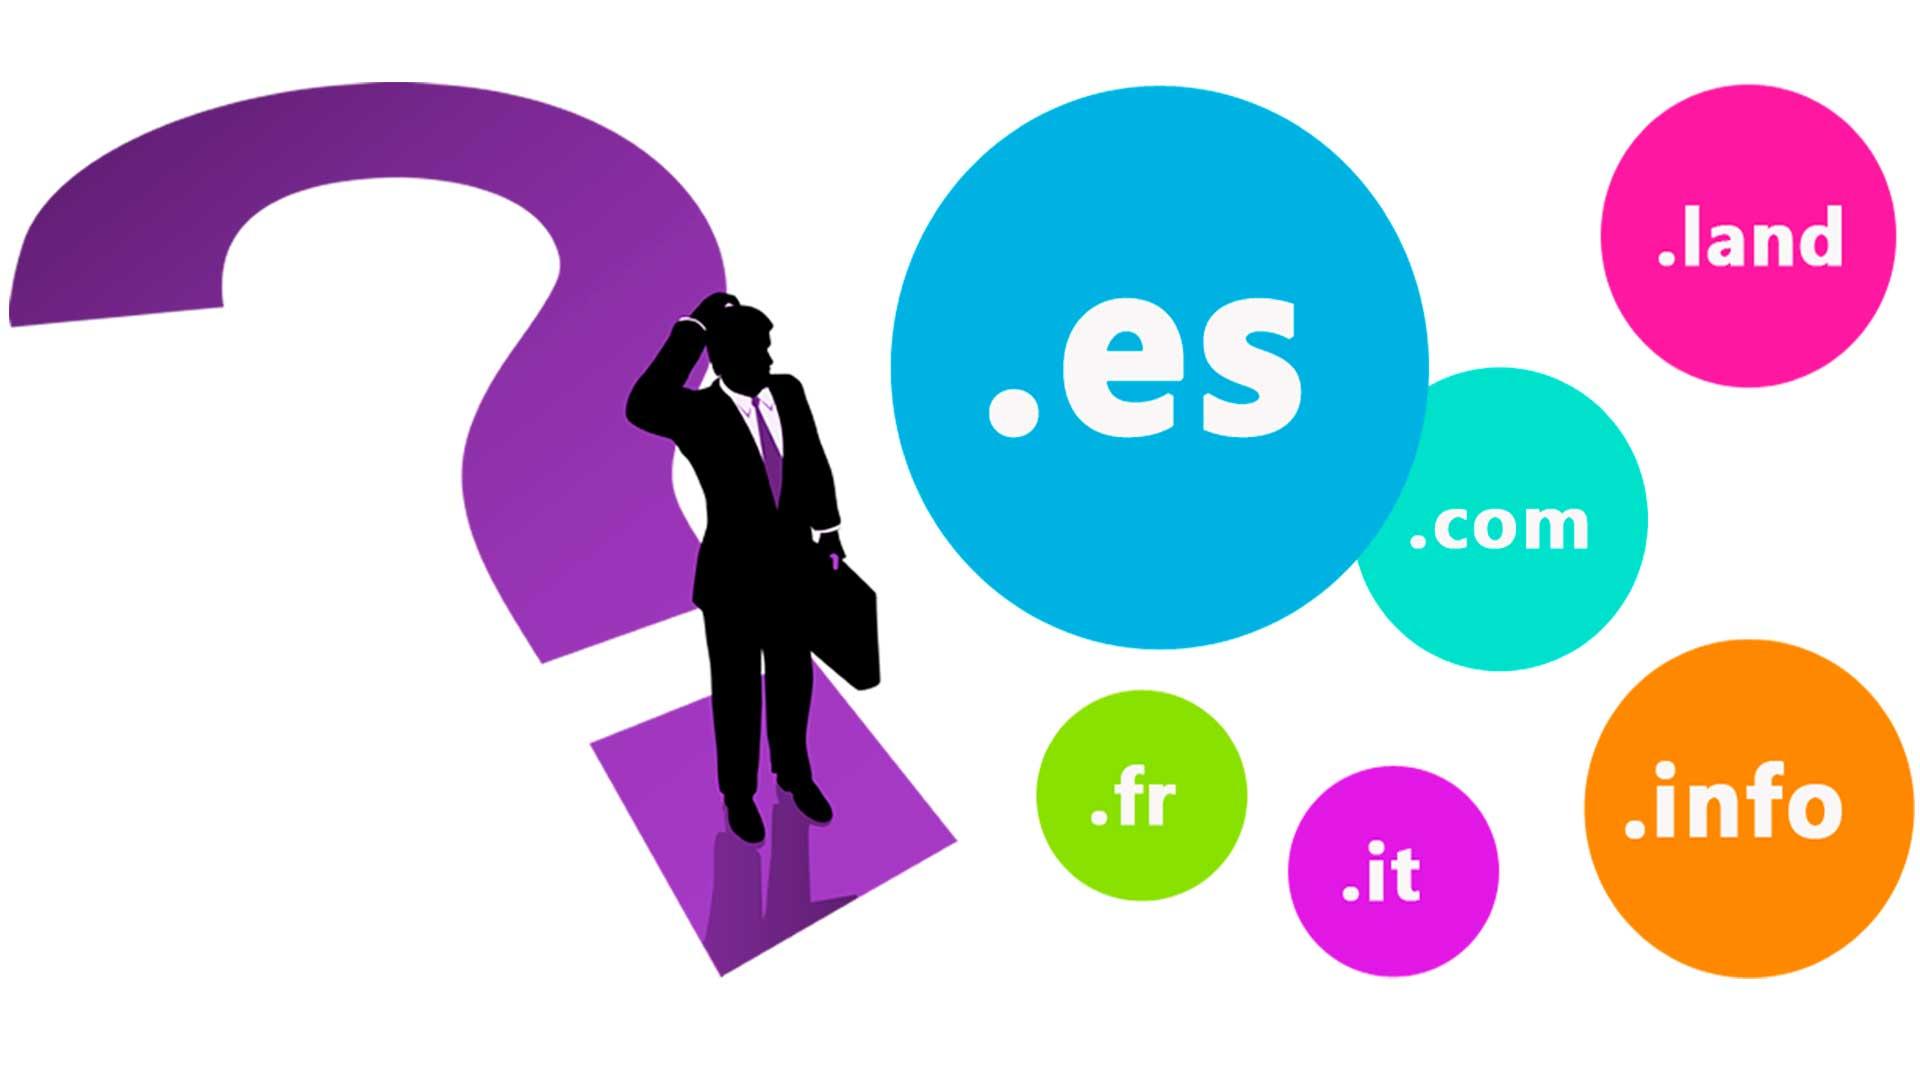 Agencia Sidecar agencia-sidecar-blog-registrar-dominio-imagen1 Cómo se registra un Dominio